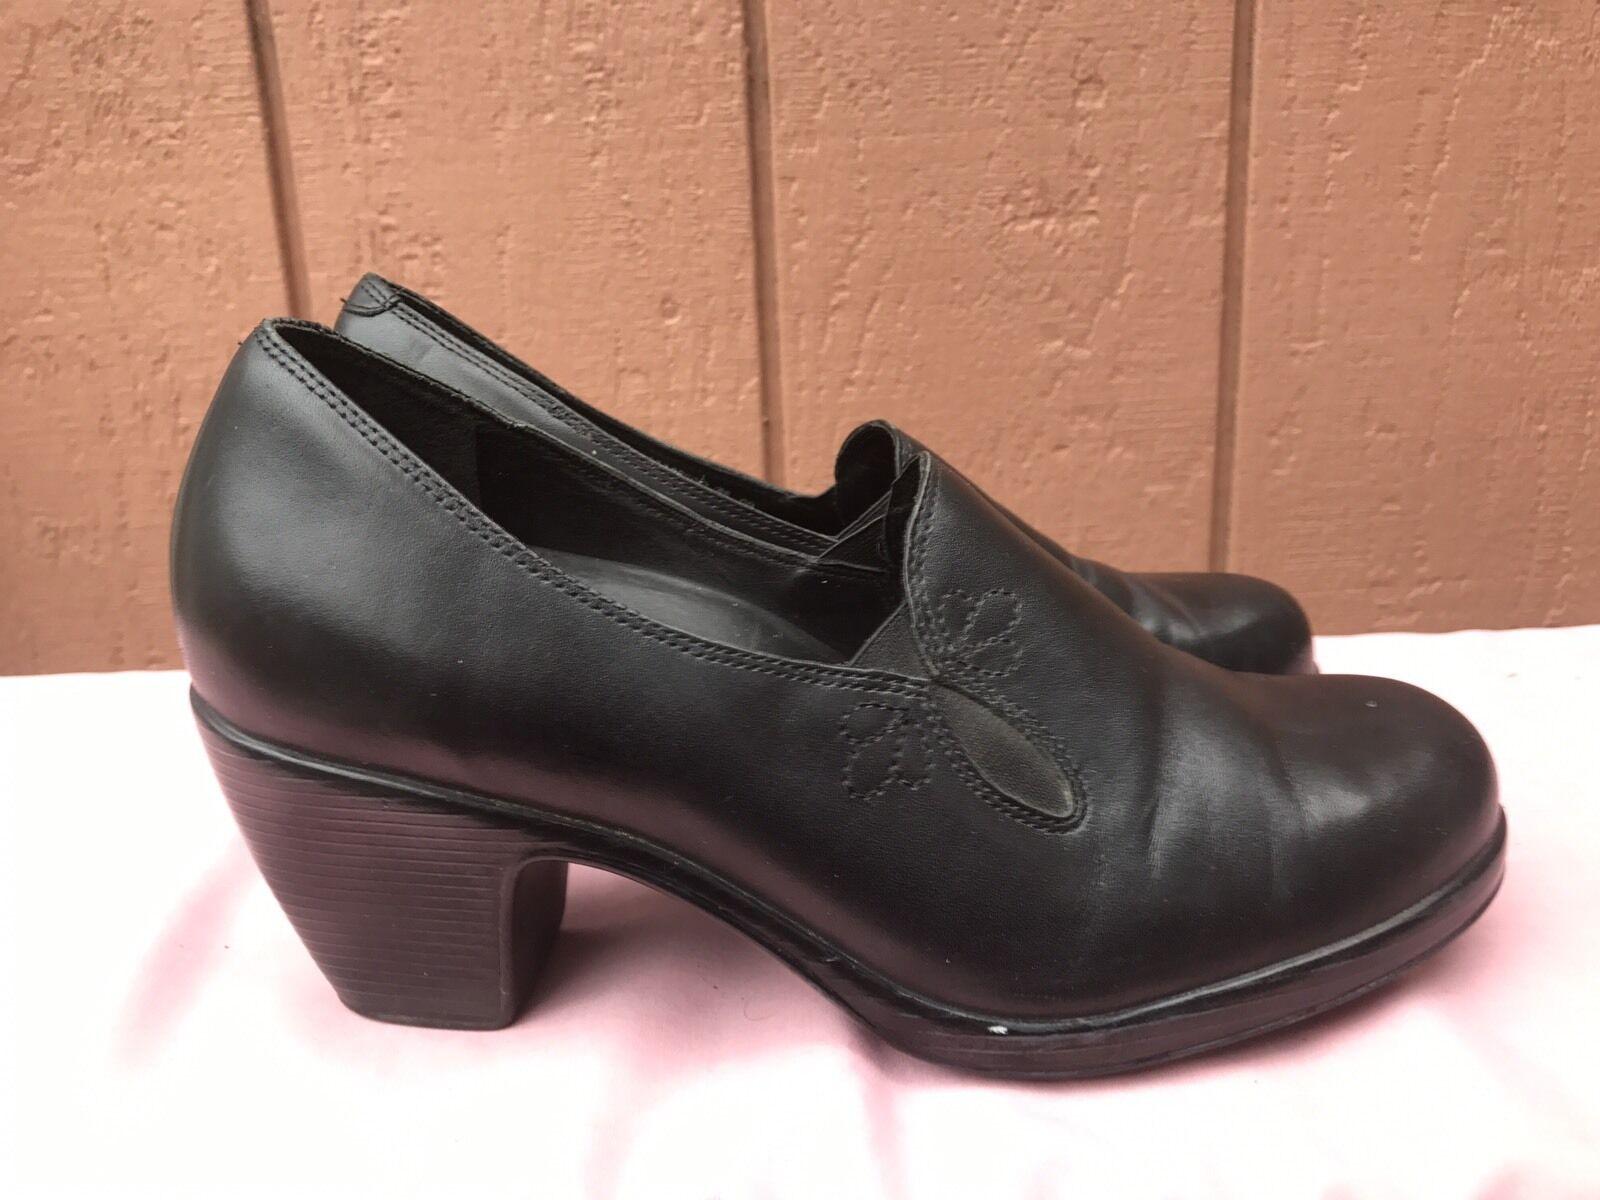 Excellent état utilisé dansko Beth Cuir noir Escarpins Sabots Talon Haut chaussures Femme Eur 40 Us 8.5-9